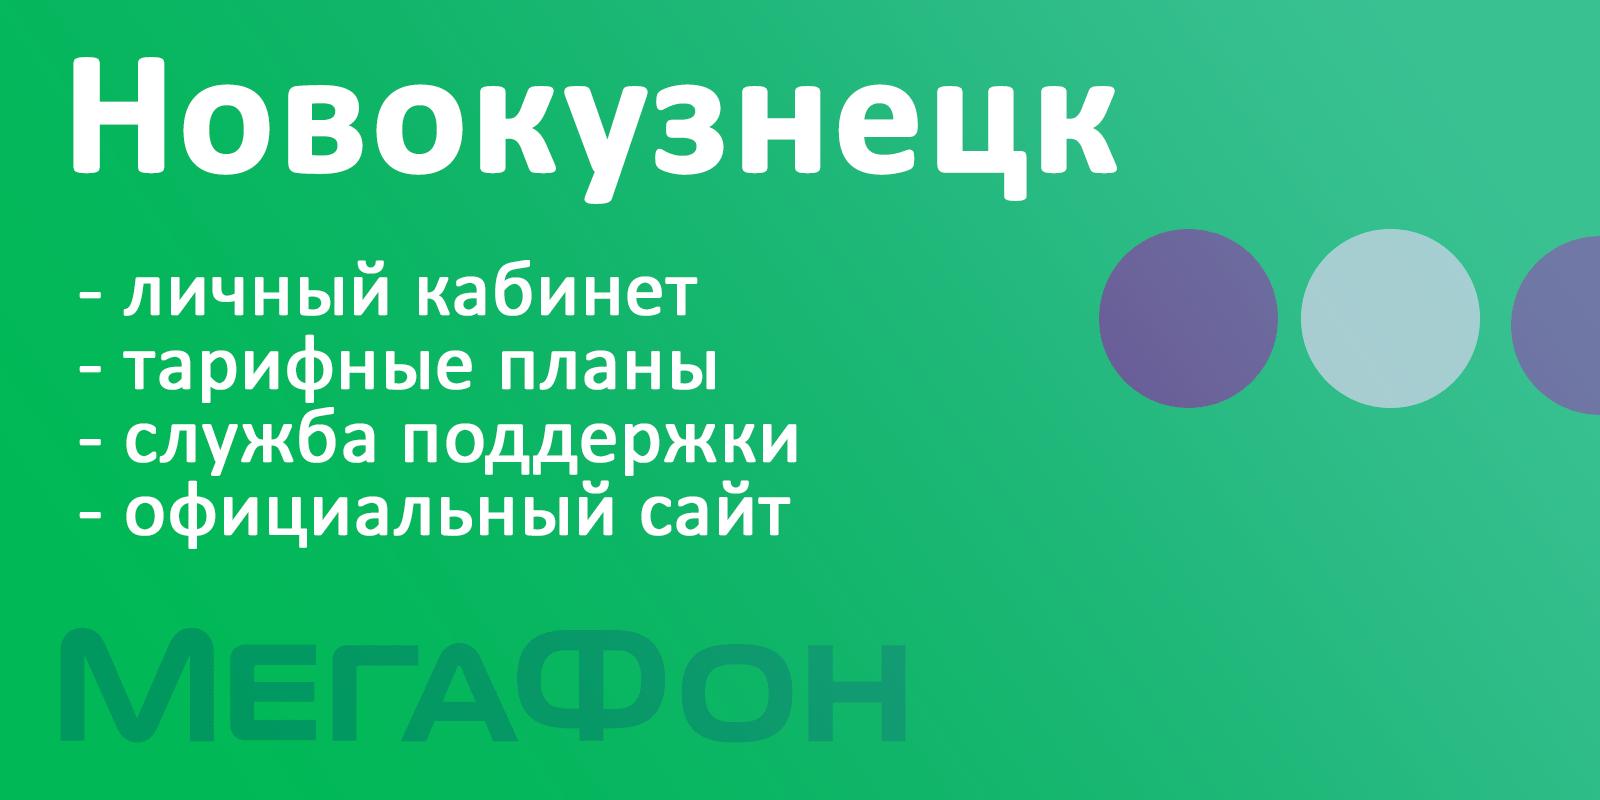 Мегафон Новокузнецка - тарифы, каталог товаров, интернет-магазин